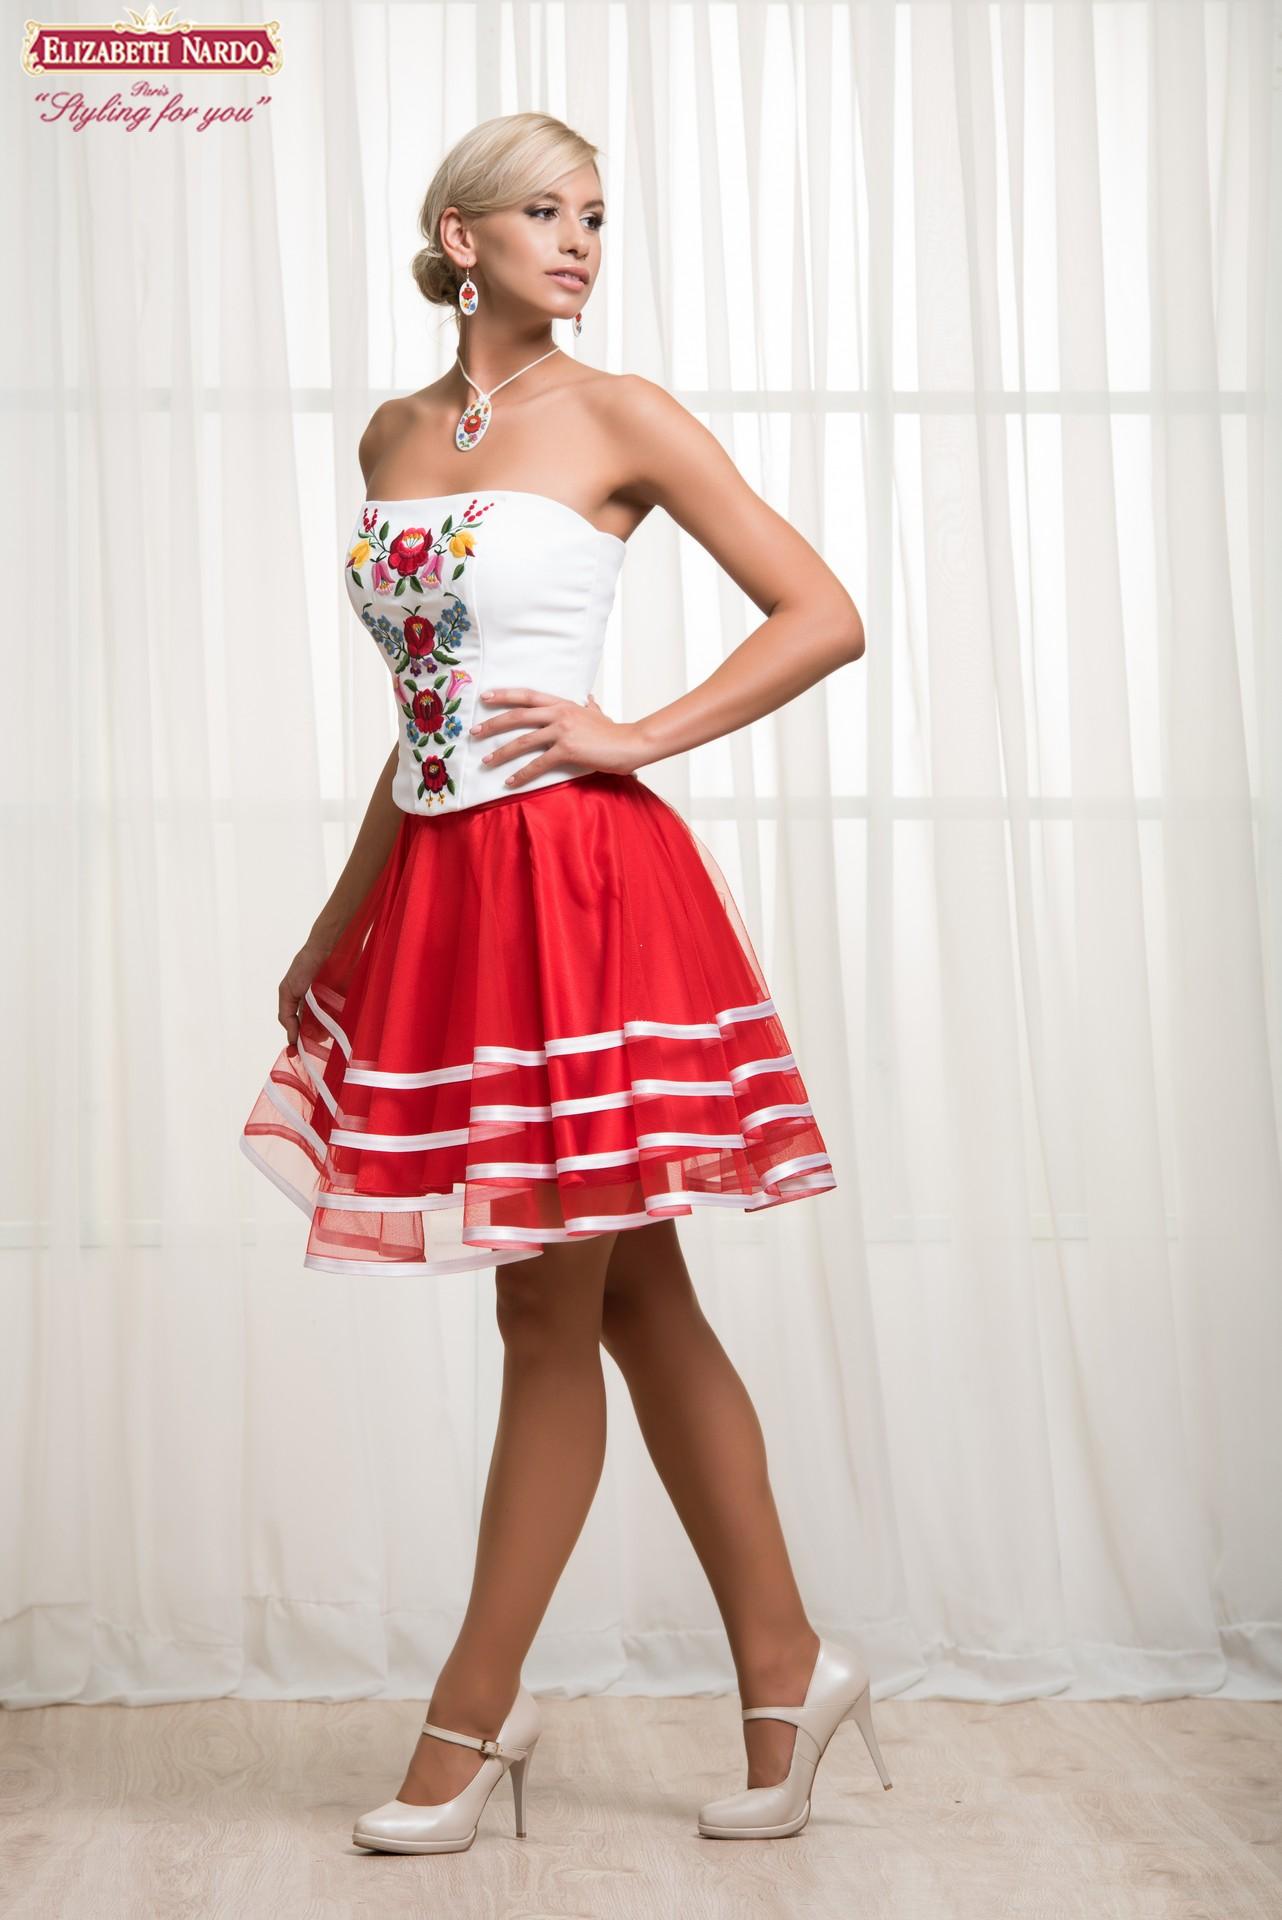 a8c7b70222 Menyecske ruhák - Menyecske ruha 17-105 - Menyasszonyi ruhák ...